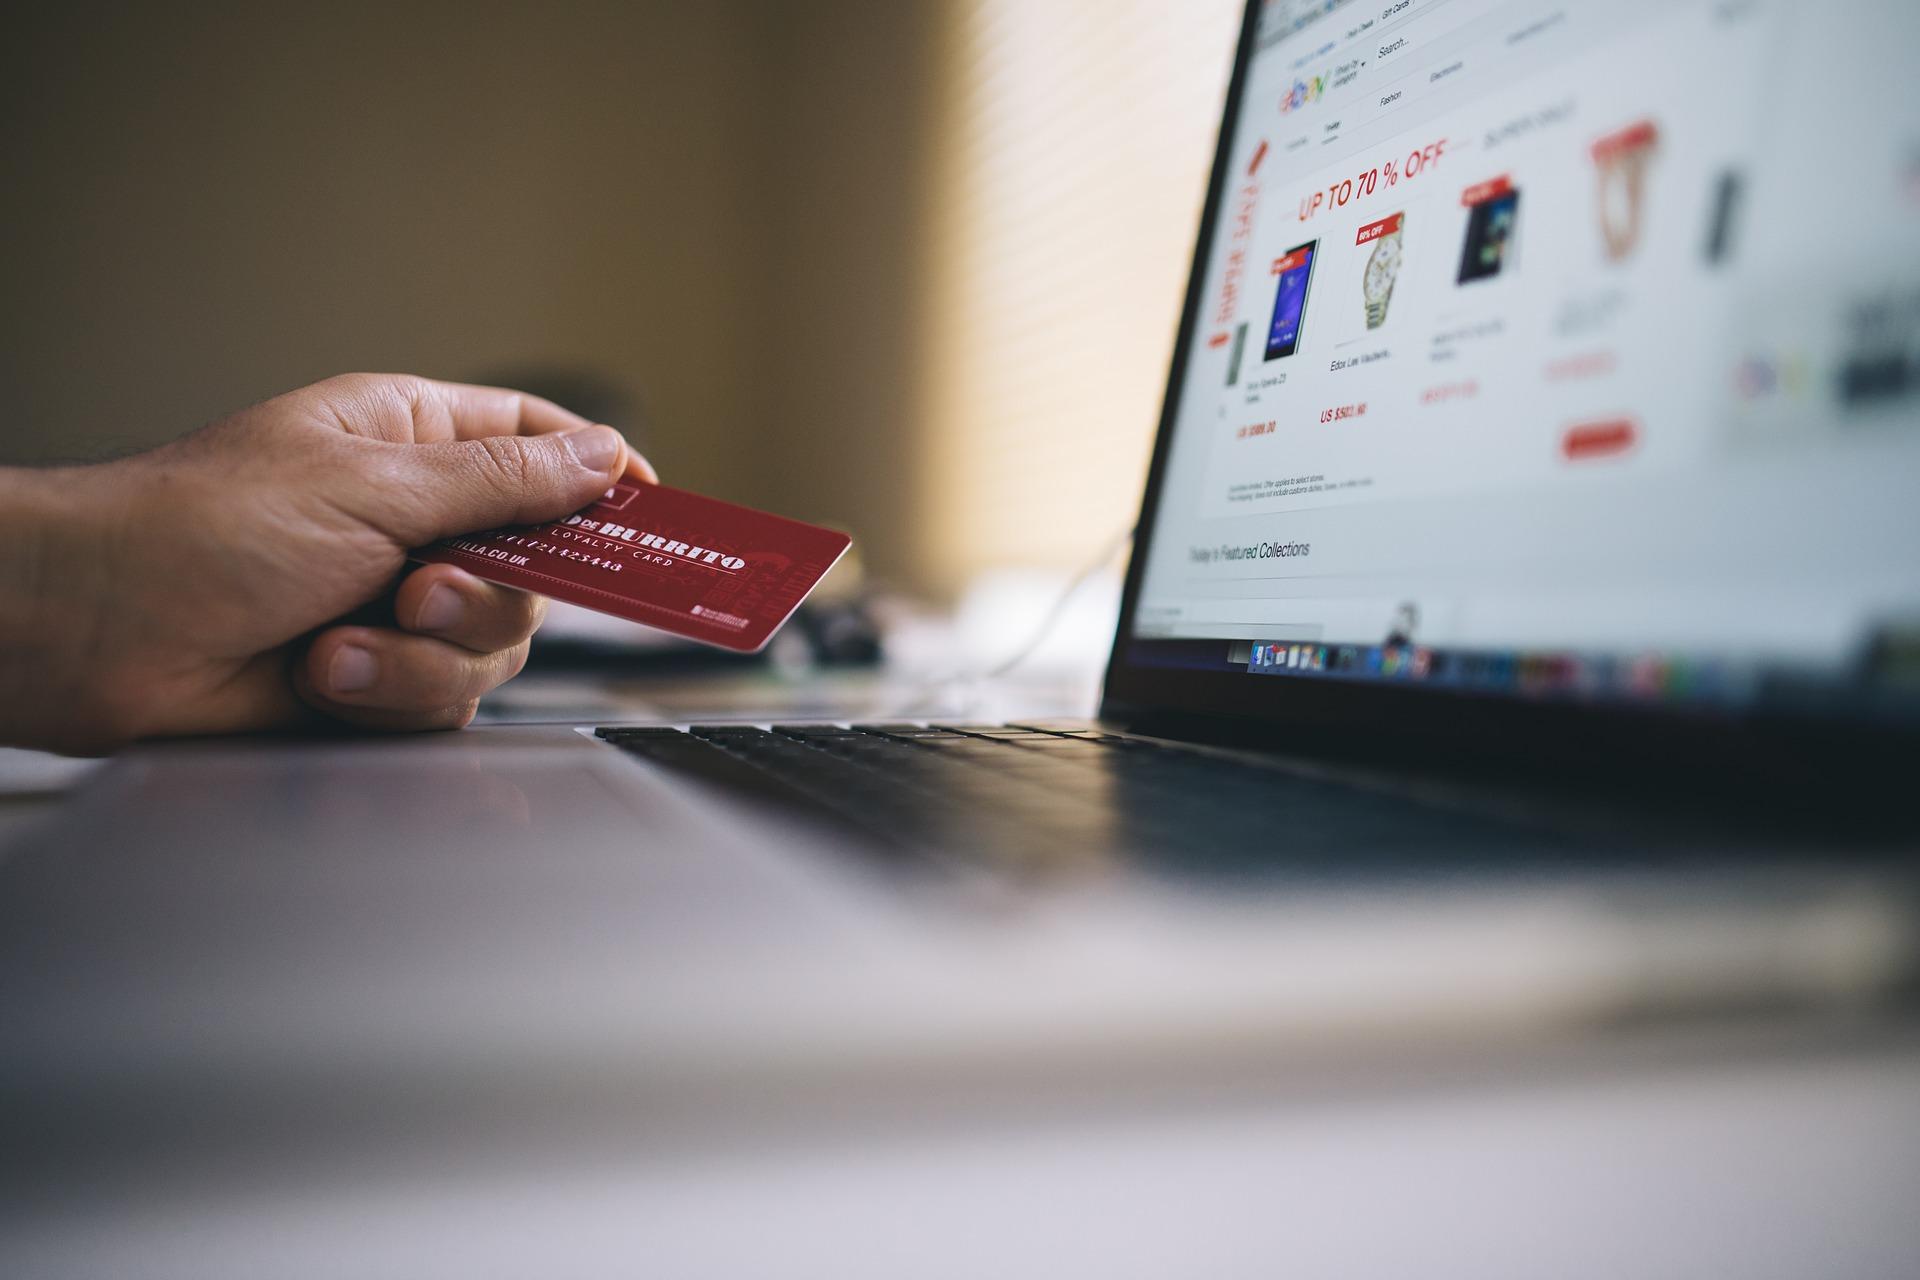 e-commerce multiax italia multiax web agency prodotti online negozio online negozio virtuale prodotti online